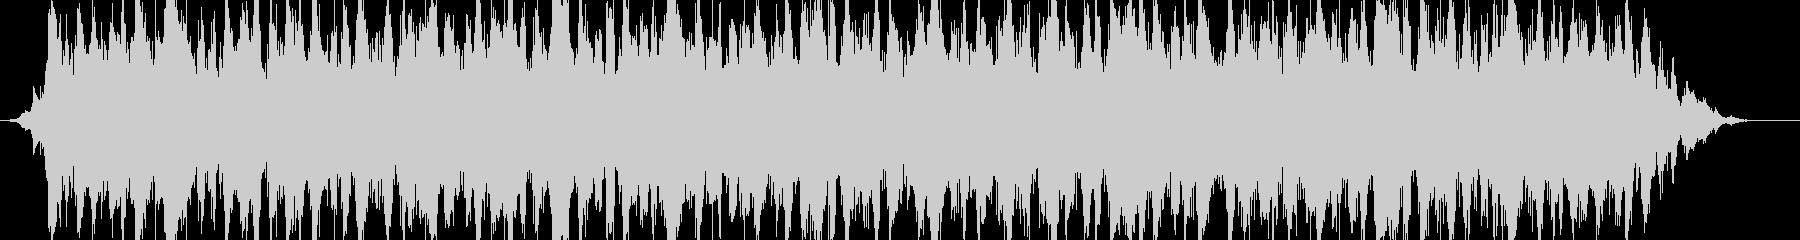 シネマミュージックサウンドBGMの未再生の波形